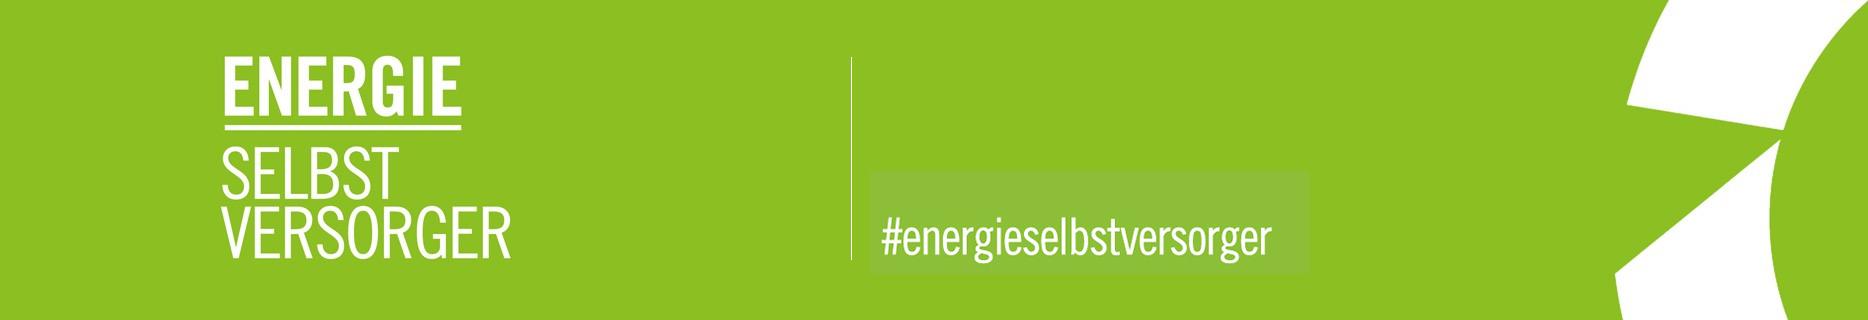 Energie-Selbstversorger Header